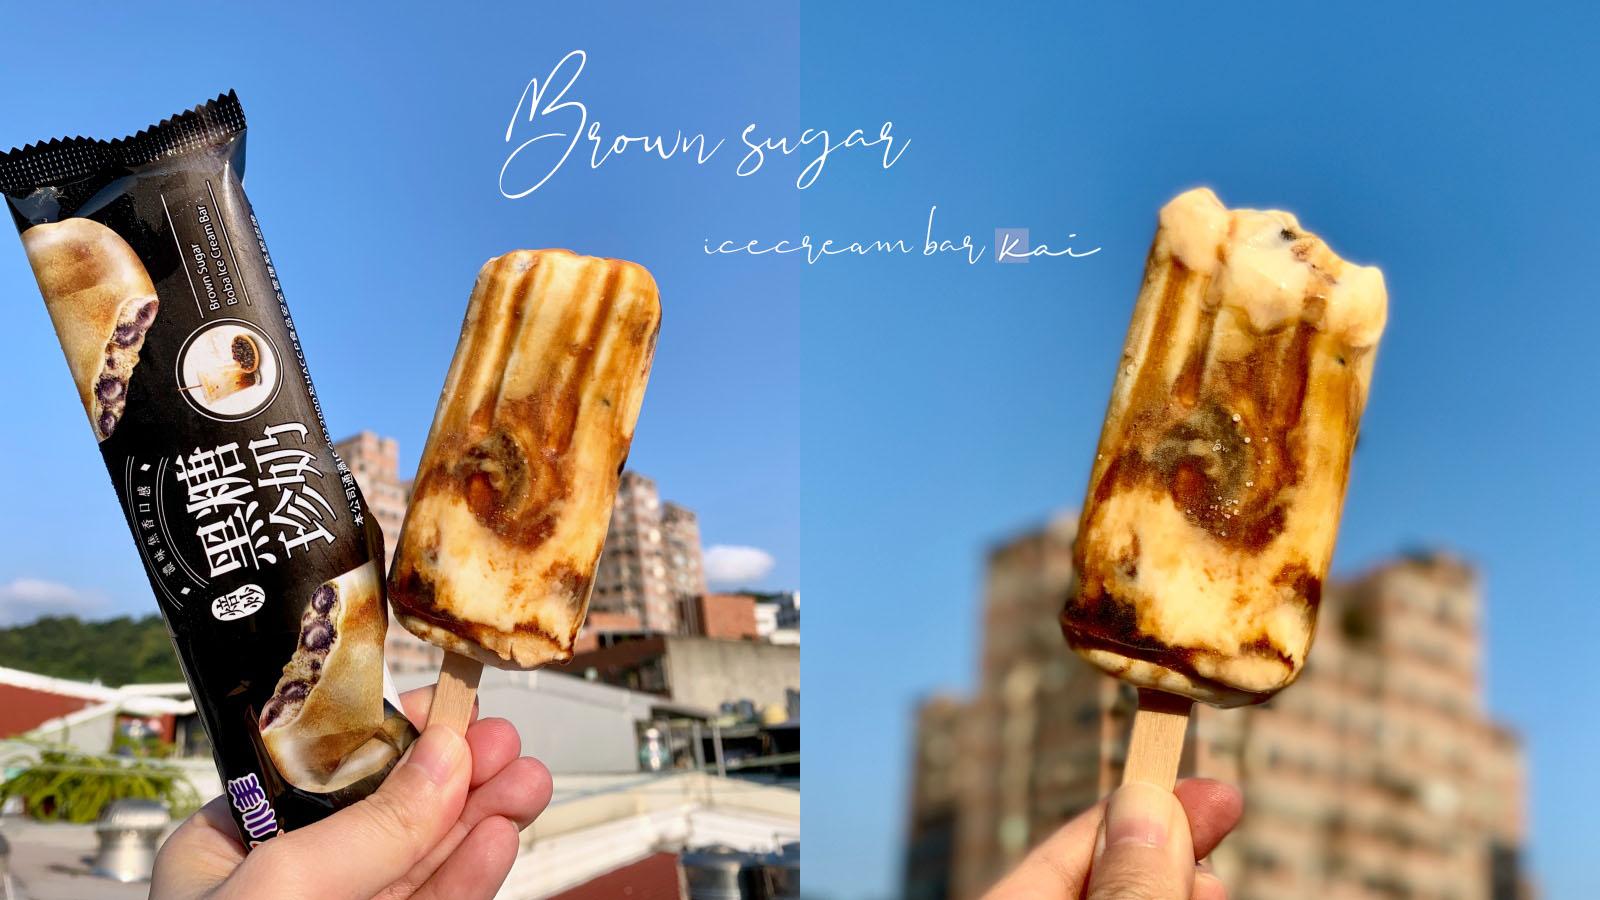 ☆【超商美食】小美黑糖珍奶雪糕。超耐吃、唯一支持的黑糖珍奶雪糕 @凱的日本食尚日記